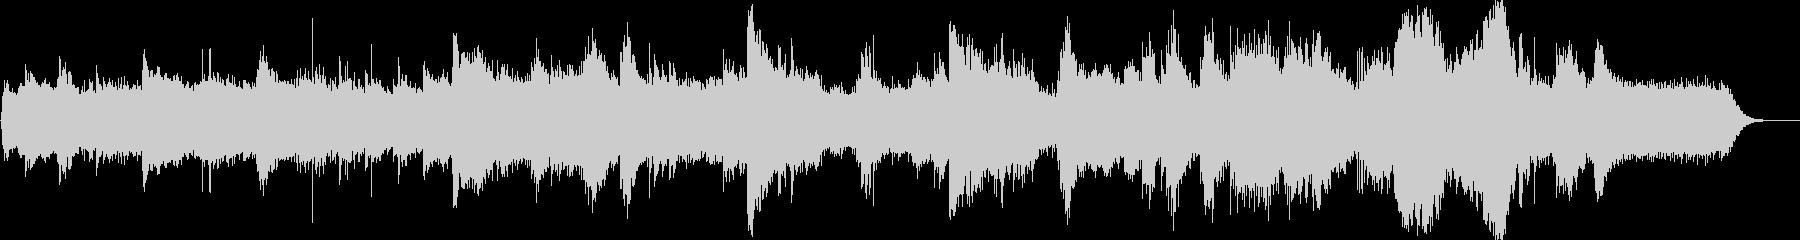 静かな水音とピアノとシンセサイザーの未再生の波形